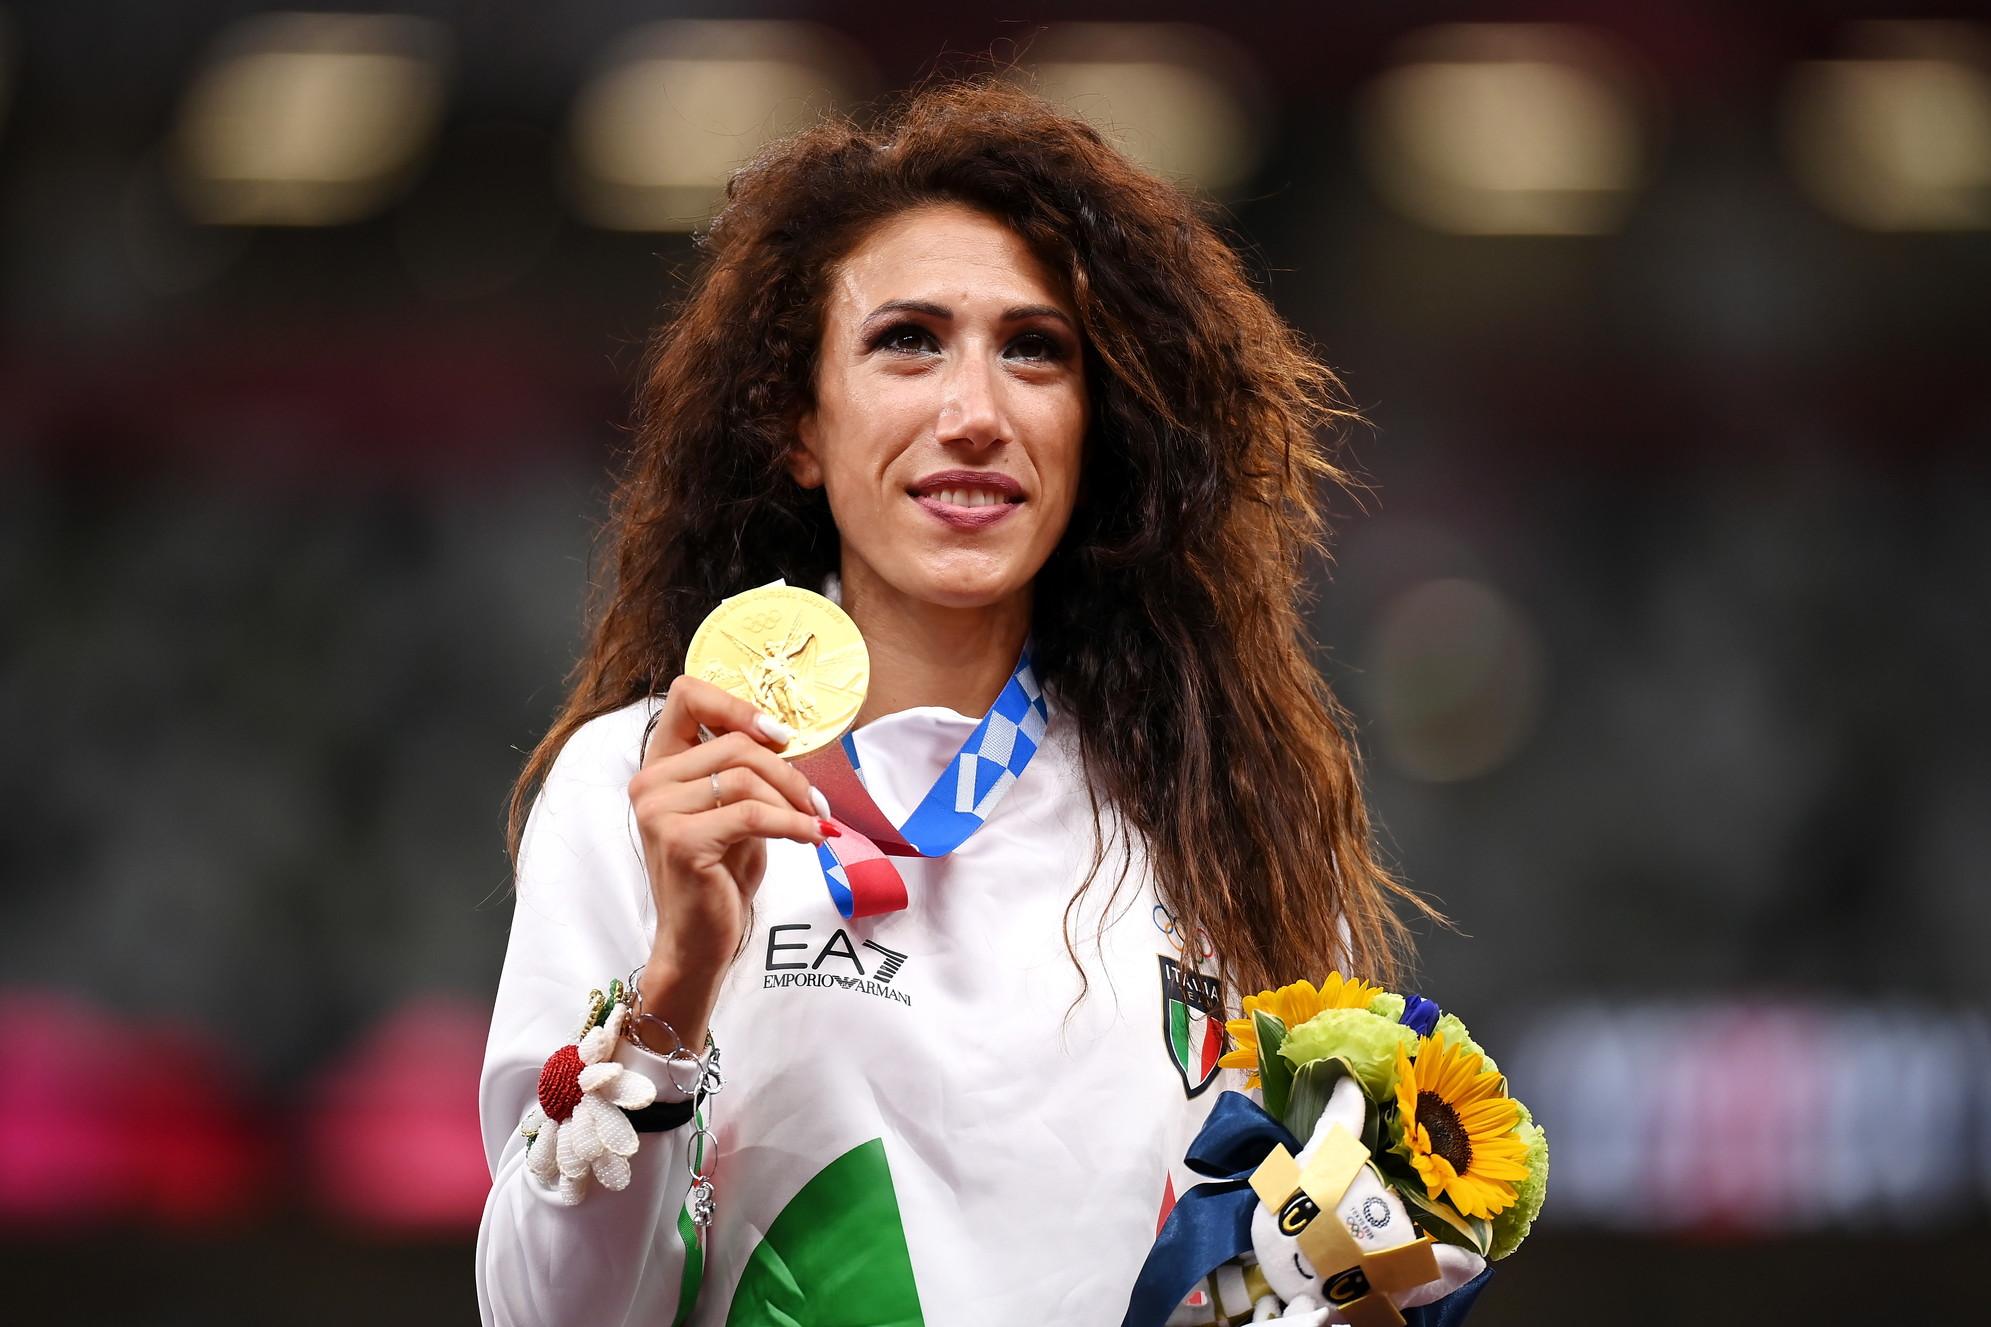 E&#39; il giorno della premiazione per Antonella Palmisano, fantastico oro nella 20km di marcia. Sotto la mascherina la sua emozione mentre canta l&#39;inno di Mameli con la mano sul cuore. &quot;Un compleanno&nbsp;pi&ugrave; bello non potevo immaginare. E&#39; incredibile. Devo ancora metabolizzare - ha detto l&#39;atleta pugliese -. Avr&ograve; bisogno di restare un po&#39; da sola. Avevo sognato la gara e la vittoria, non il podio. Ora che succeder&agrave;? Dopo questa vittoria cosa vorrei di pi&ugrave;, vorrei per&ograve; continuare ancora, Non lo so, ci devo pensare. Oro olimpico &egrave; qualcosa che si realizza&quot;. Pochi minuti dopo &egrave; stato il turno del quartetto azzurro formato da&nbsp;Patta-Jacobs-Desalu-Tortu, oro nella staffetta 4x100. I quattro azzurri sono saliti sul podio mano nella mano e si sono messi al collo il metallo pi&ugrave; pregiato. Anche per loro mano sul cuore al momento dell&#39;inno nazionale cantato a squarciagola.<br /><br />